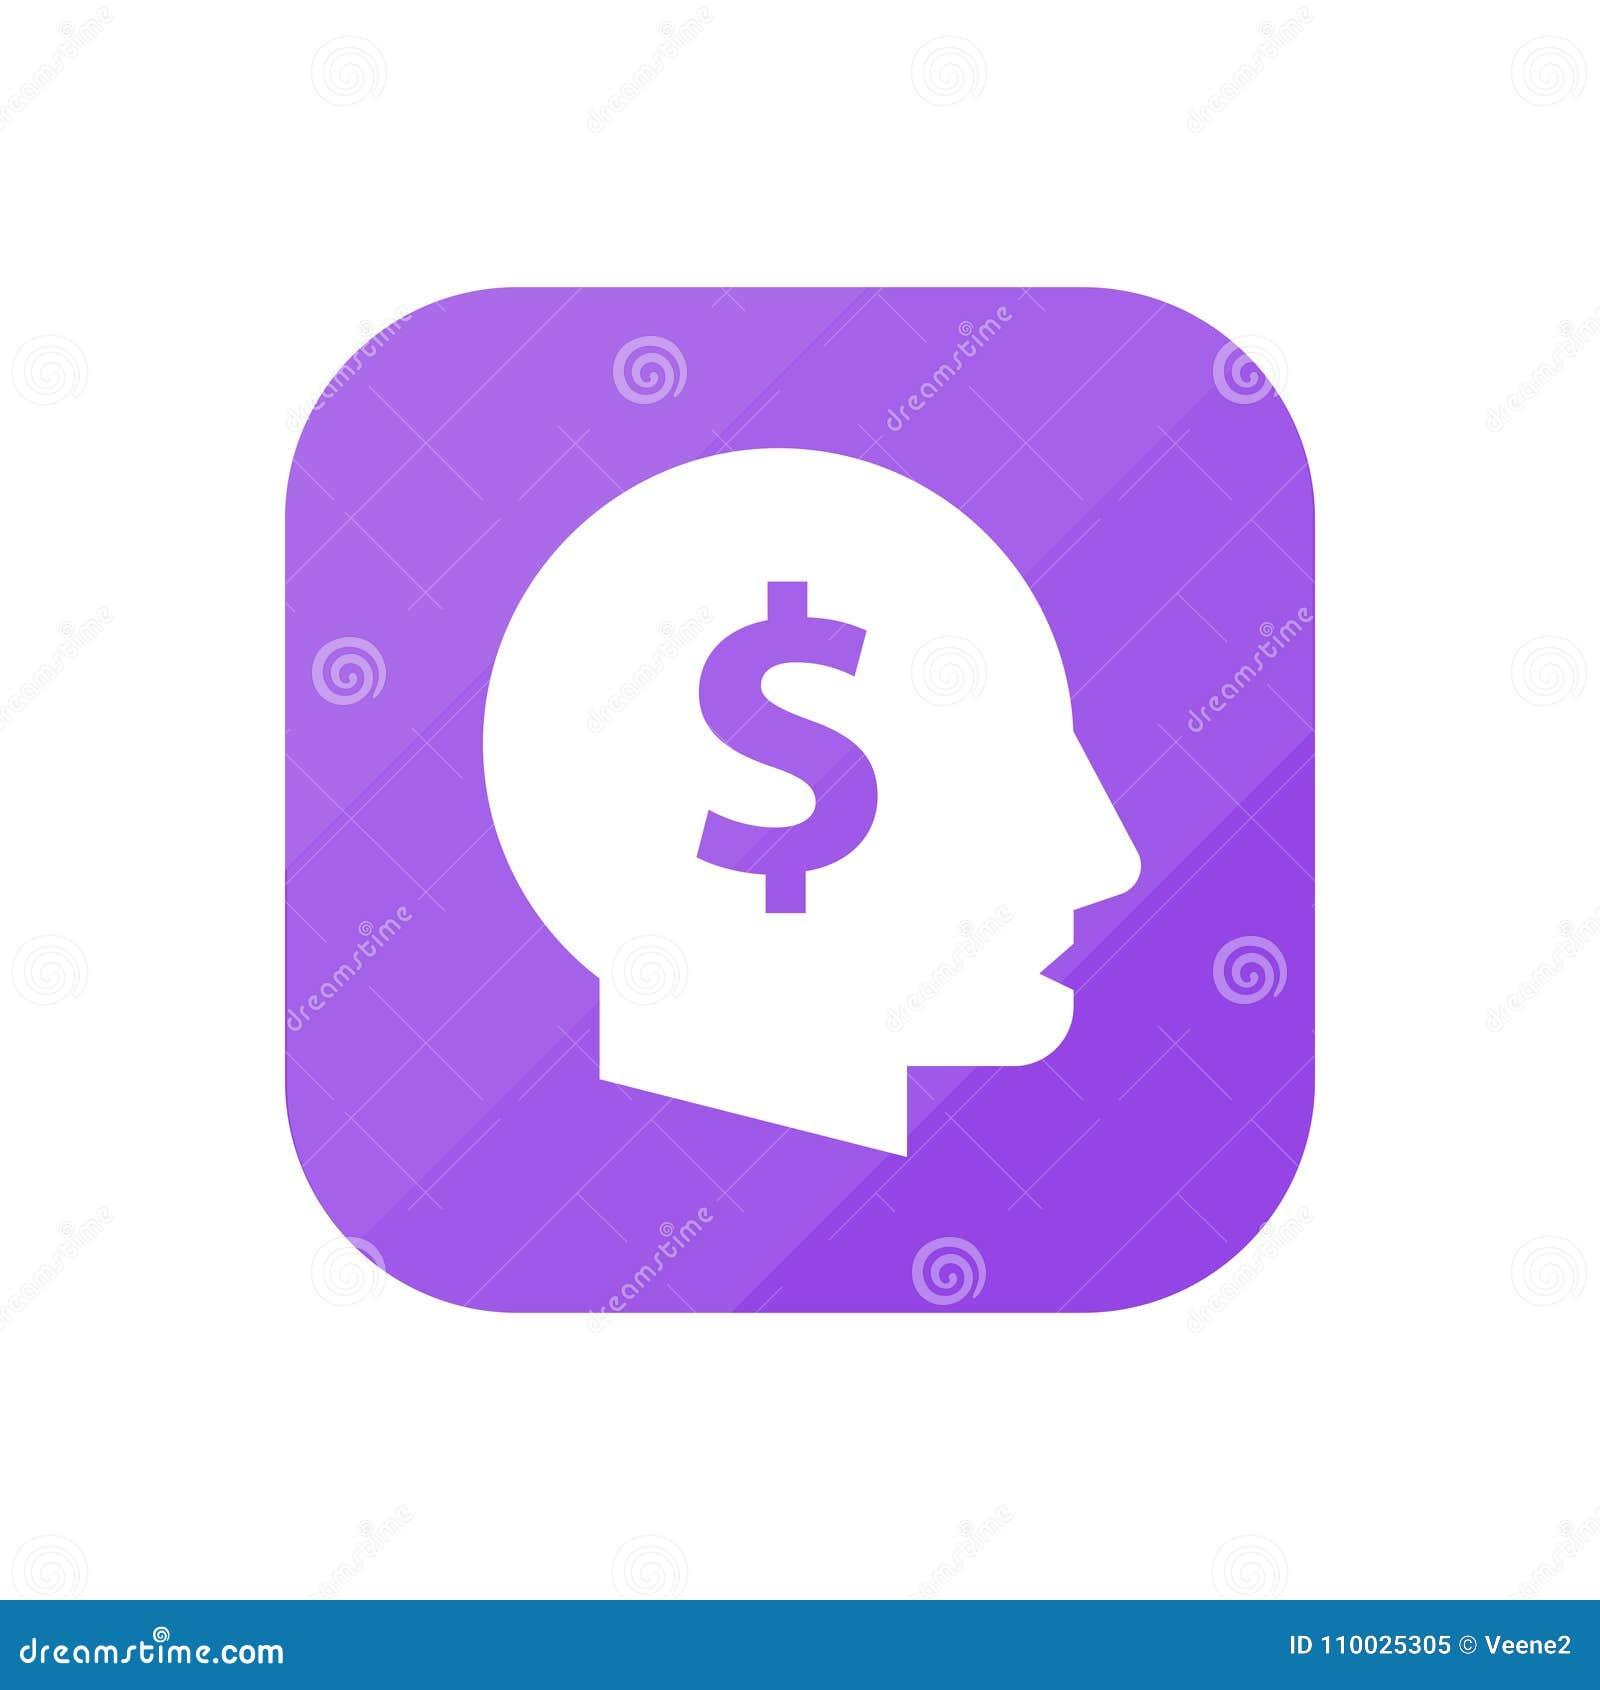 Dollarzaken - App Pictogram